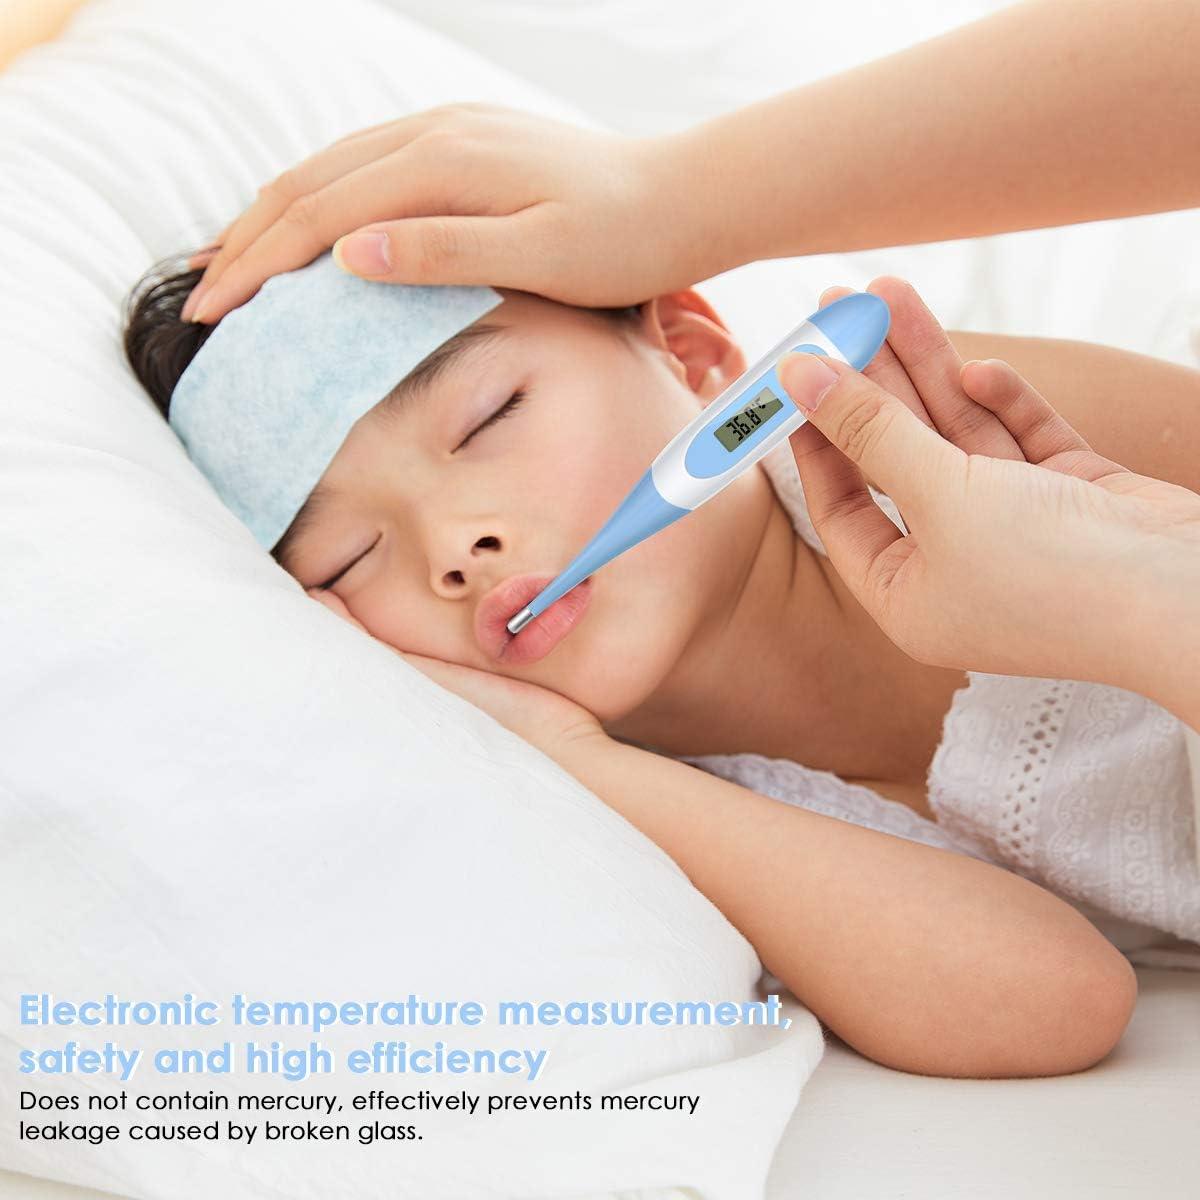 DELMO Thermom/ètre M/édical Thermom/ètre Num/érique de Fi/èvre pour Enfants Adulte Flexible Pointe Aisselle Compteur de Temp/érature Orale